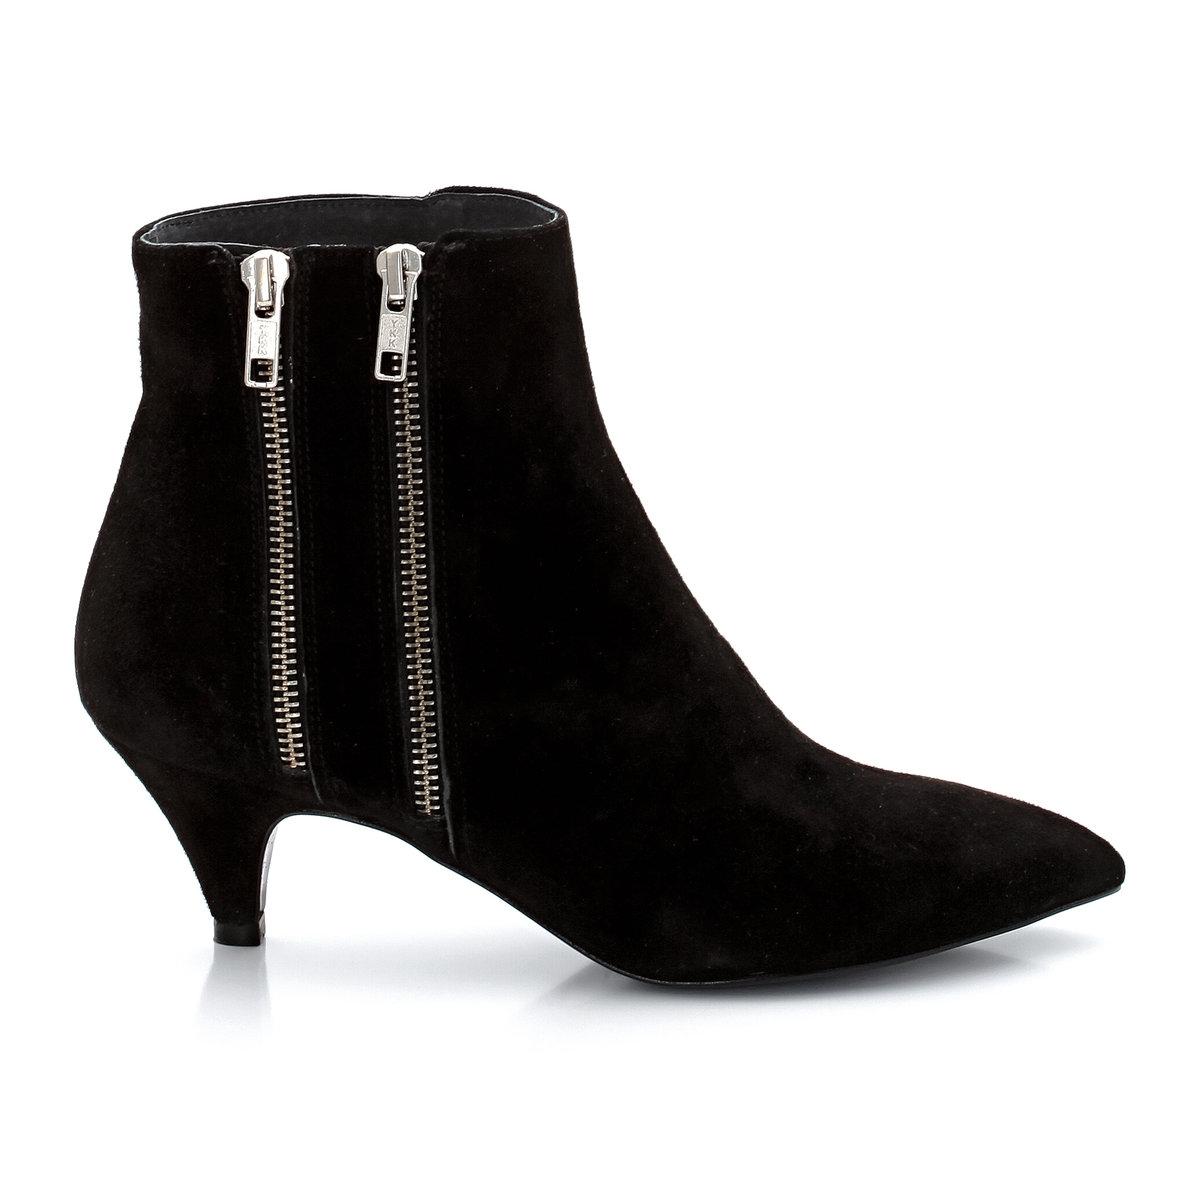 Ботинки кожаные ALEIAБотинки модели ALEIA марки JONAK. Верх: телячья кожа. Подкладка: кожа. Стелька: кожа. Подошва: эластомер. Каблук: 5 см. Застёжка: 2 молнии по бокам<br><br>Цвет: черный<br>Размер: 37